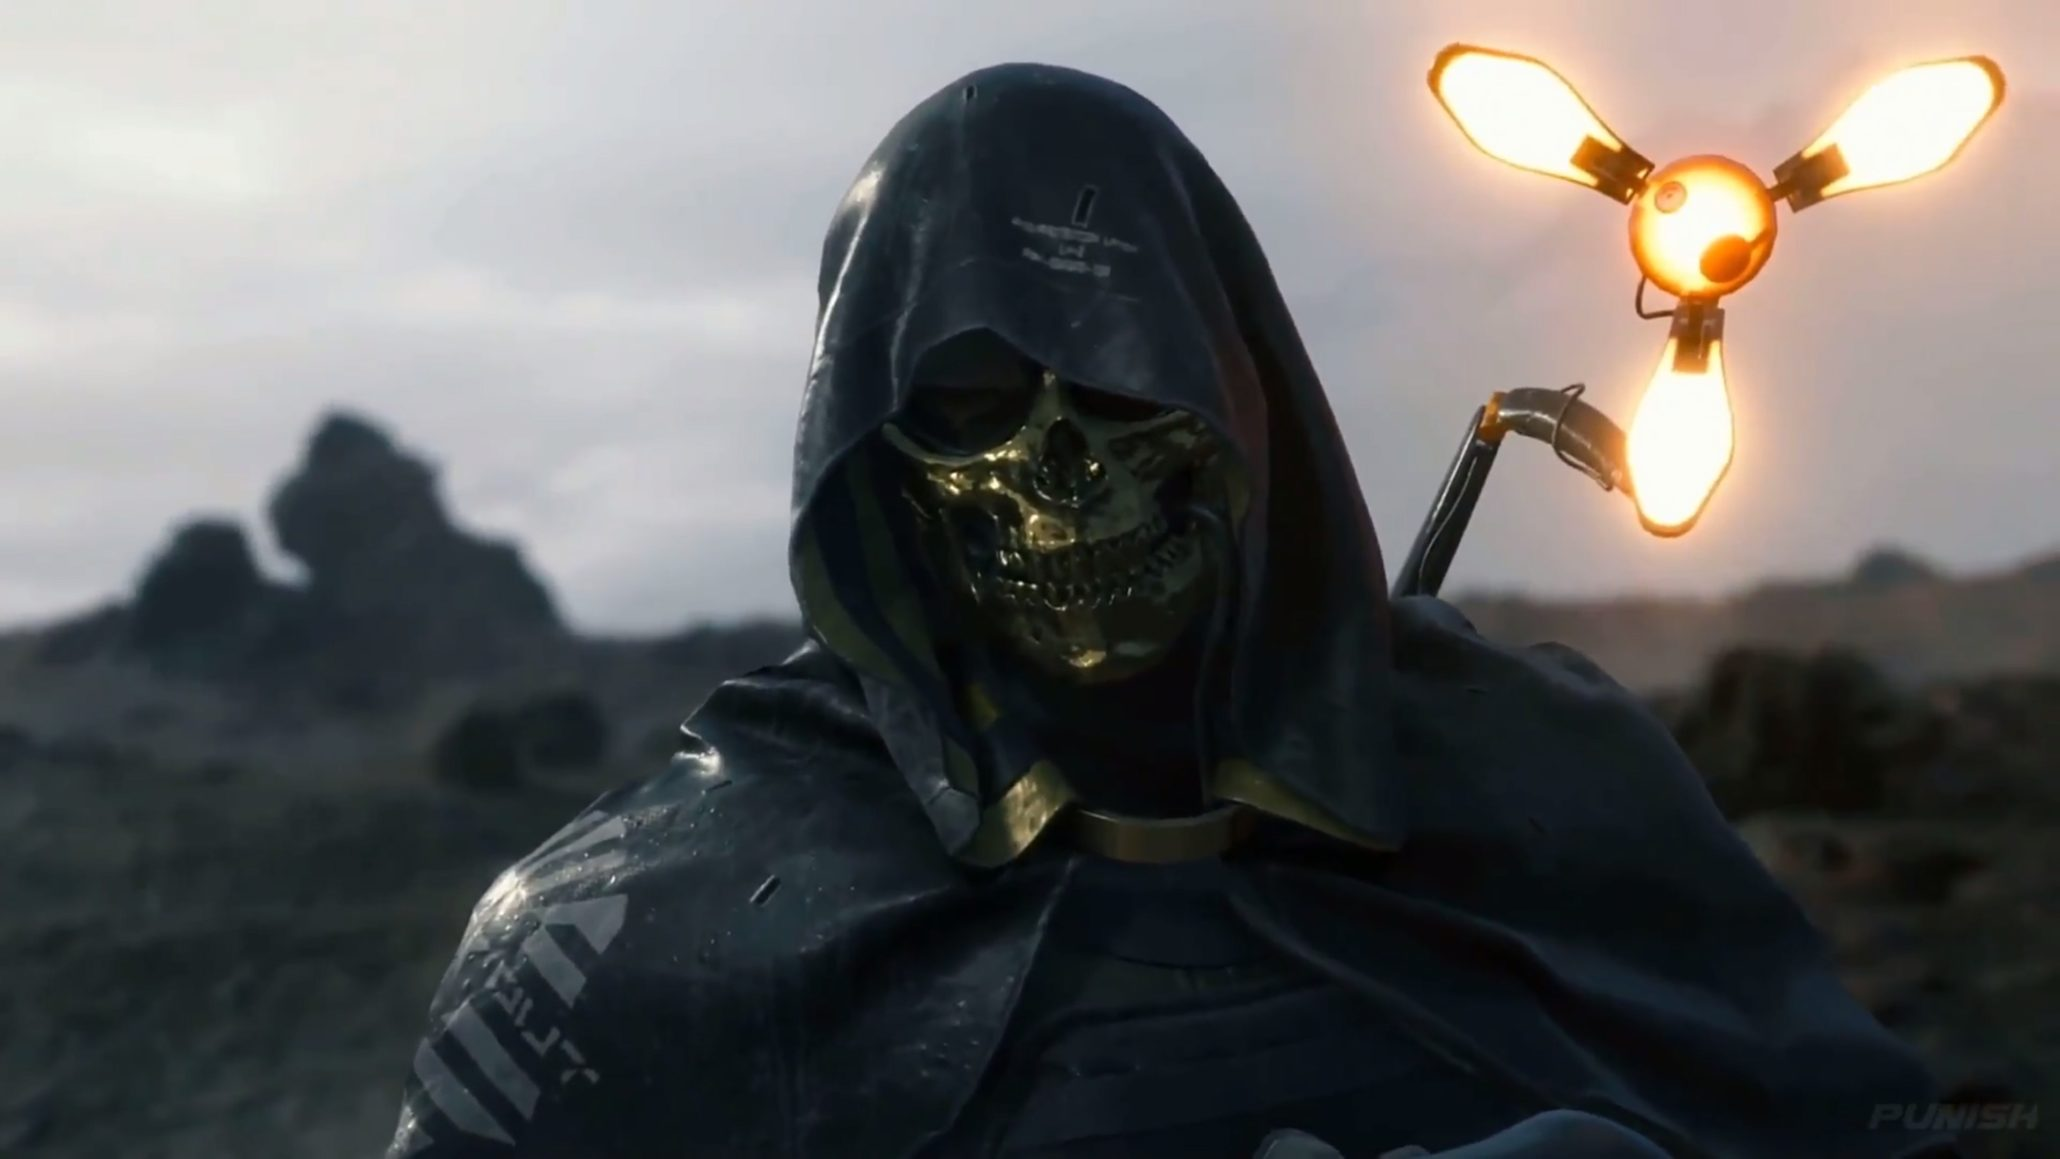 《死亡搁浅》游戏机制新细节  多人模式就像撩妹不结婚